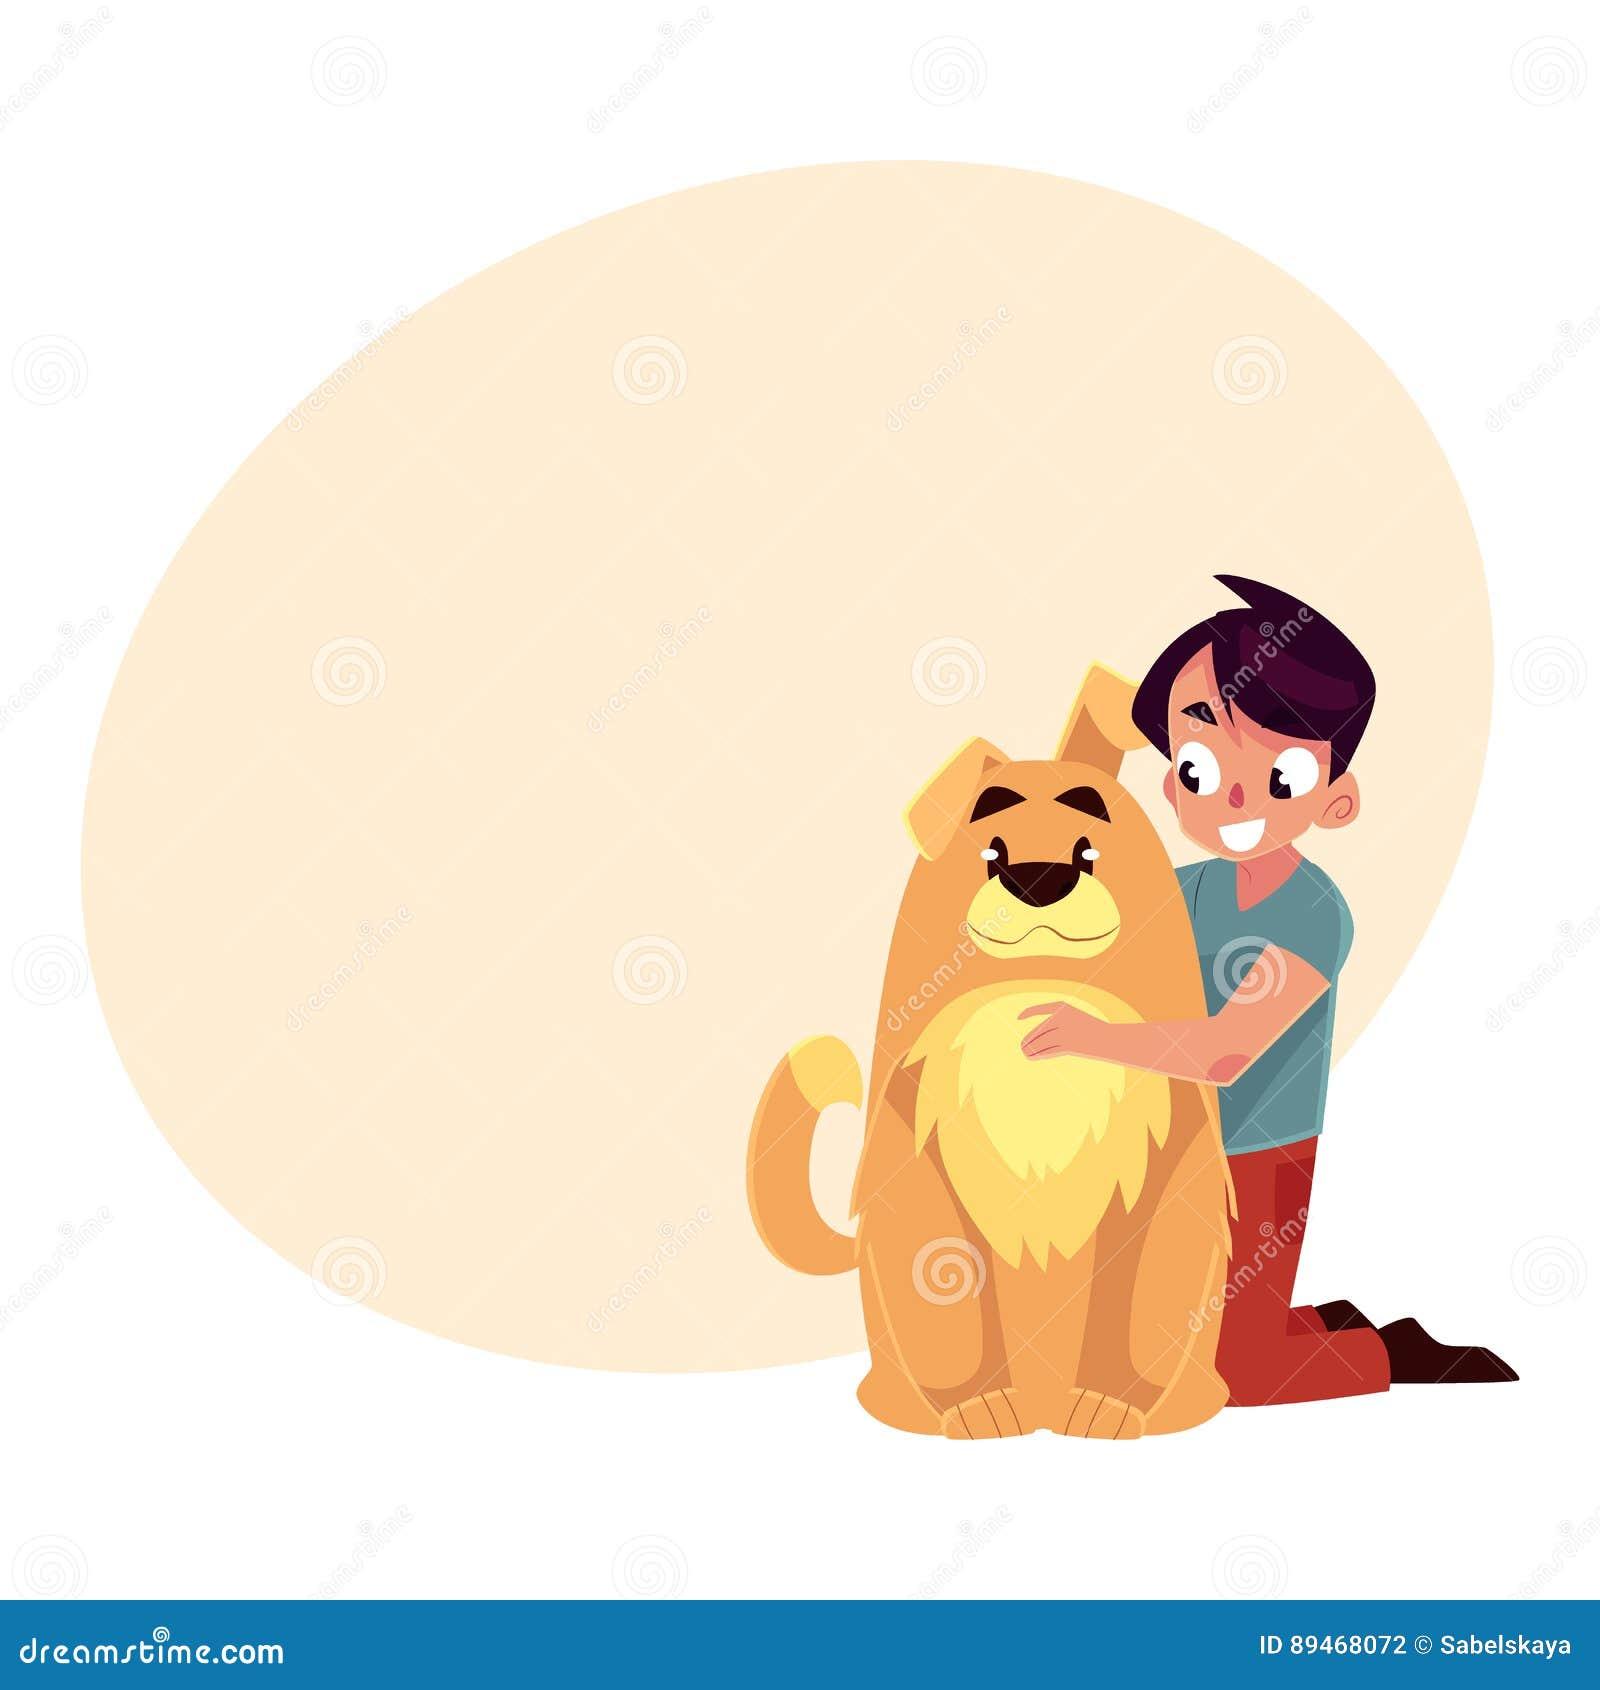 小男孩,孩子,与大蓬松棕色狗朋友的孩子,伴侣